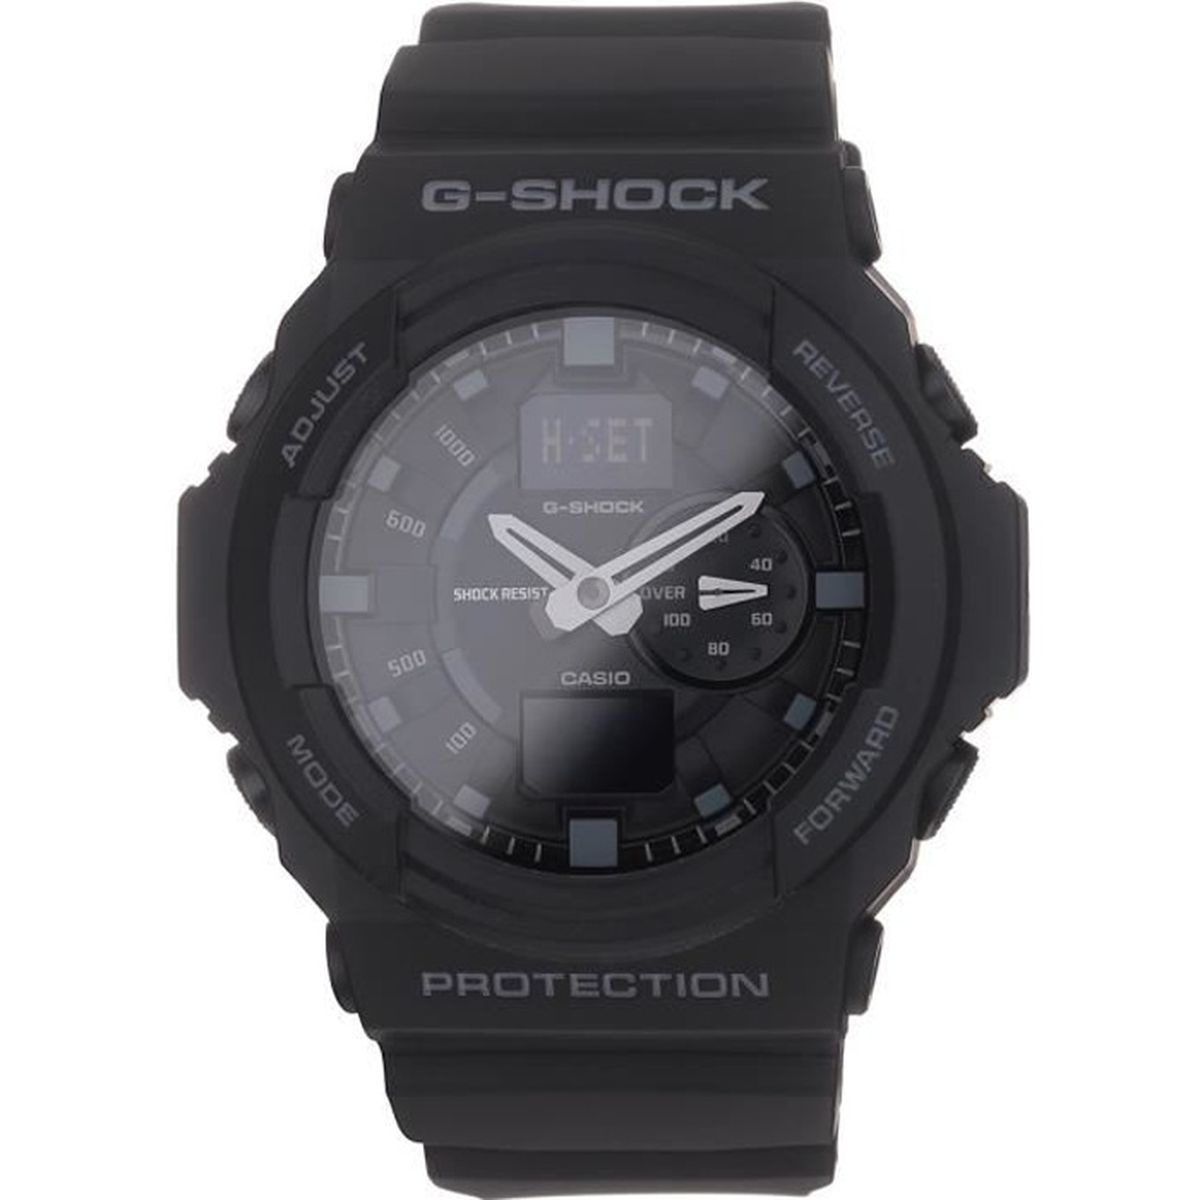 casio montre quartz g shock ga 150 1aer homme noir sport tendance achat vente montre cdiscount. Black Bedroom Furniture Sets. Home Design Ideas